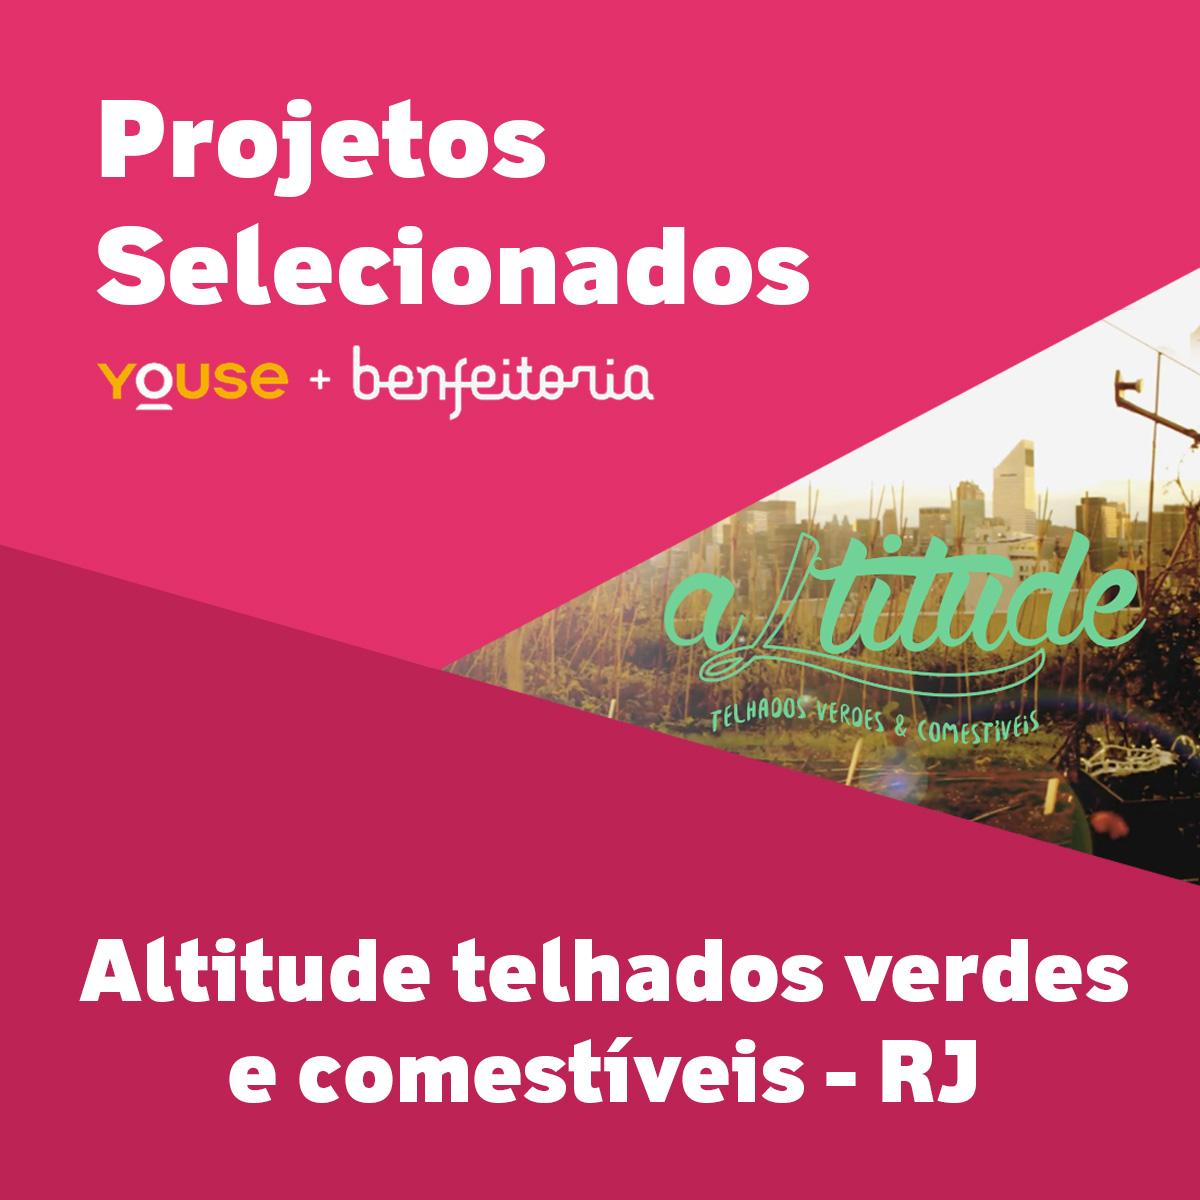 Projetos Selecionados - Altitude telhados verdes e comestíveis - RJ